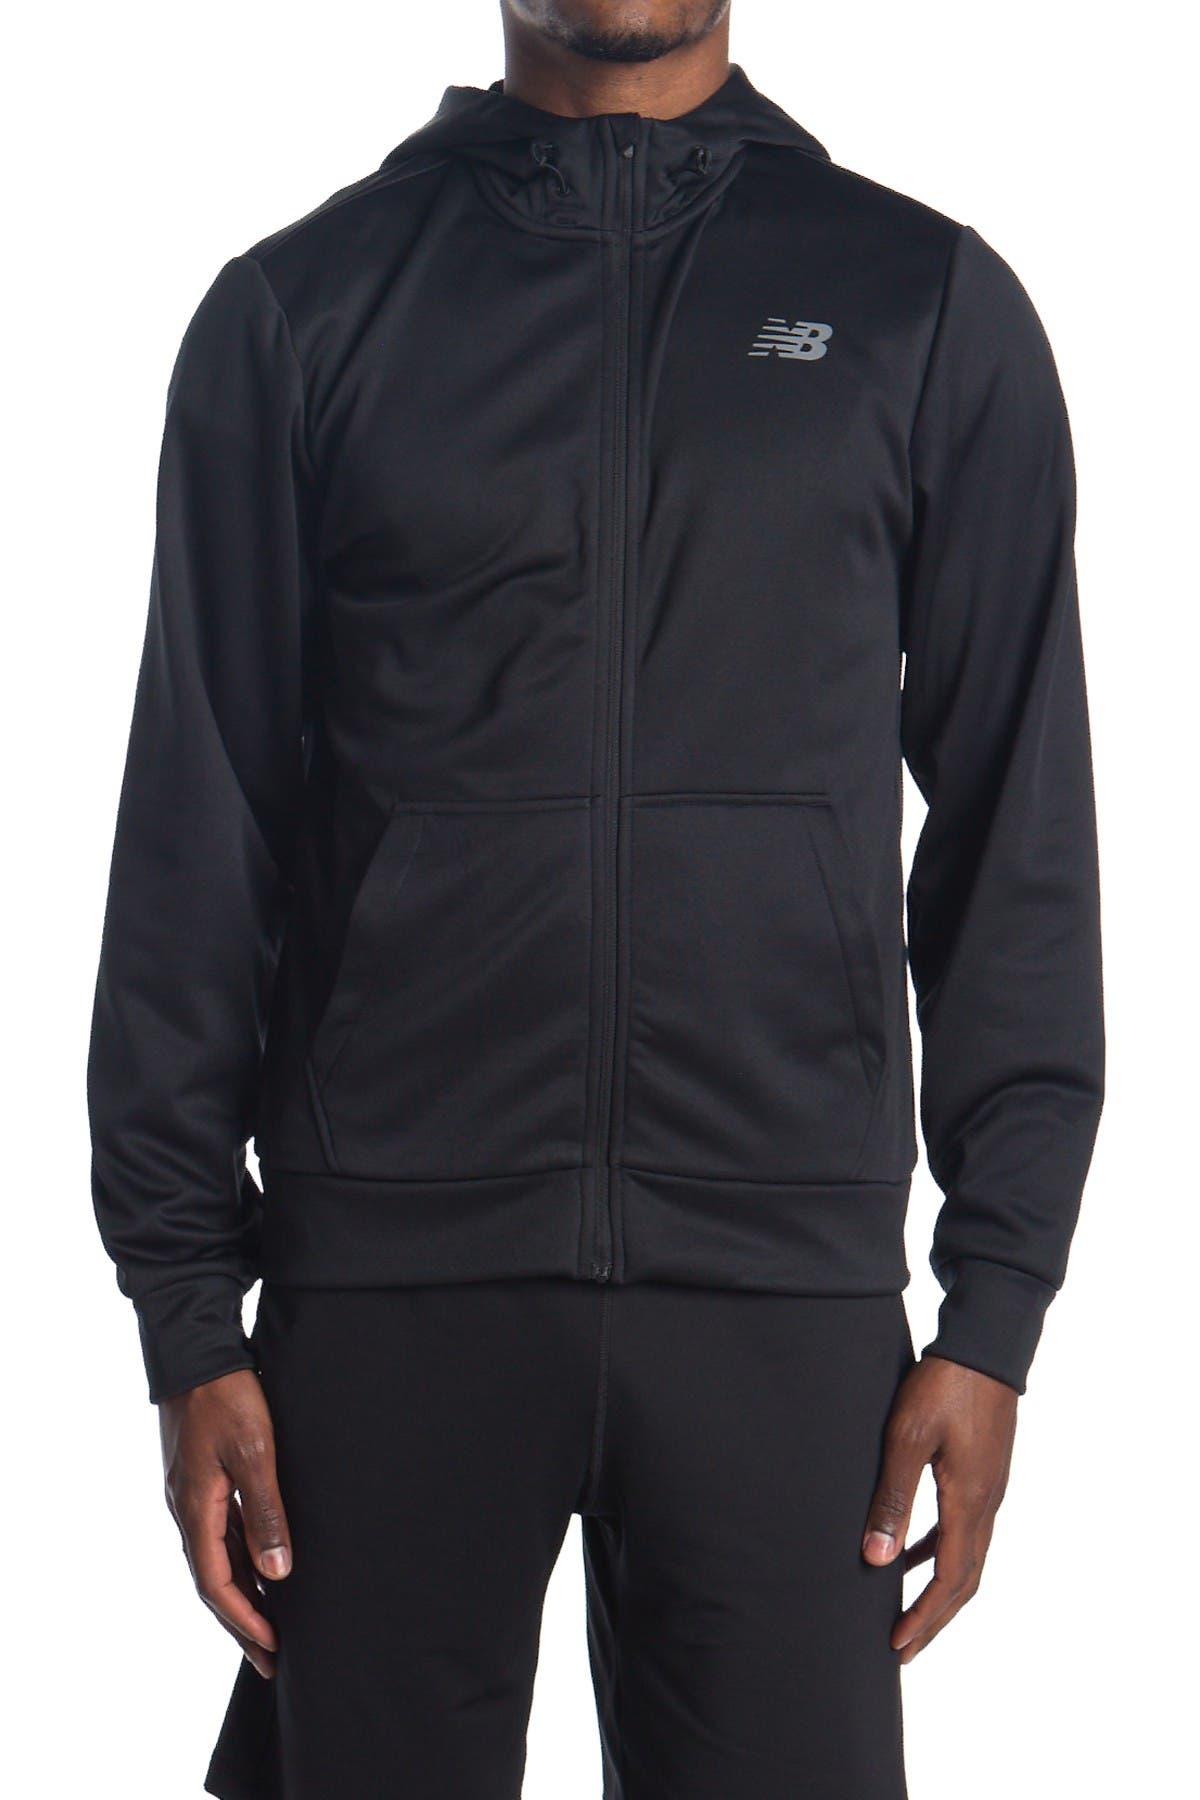 Image of New Balance Core Fleece Full Zip Jacket